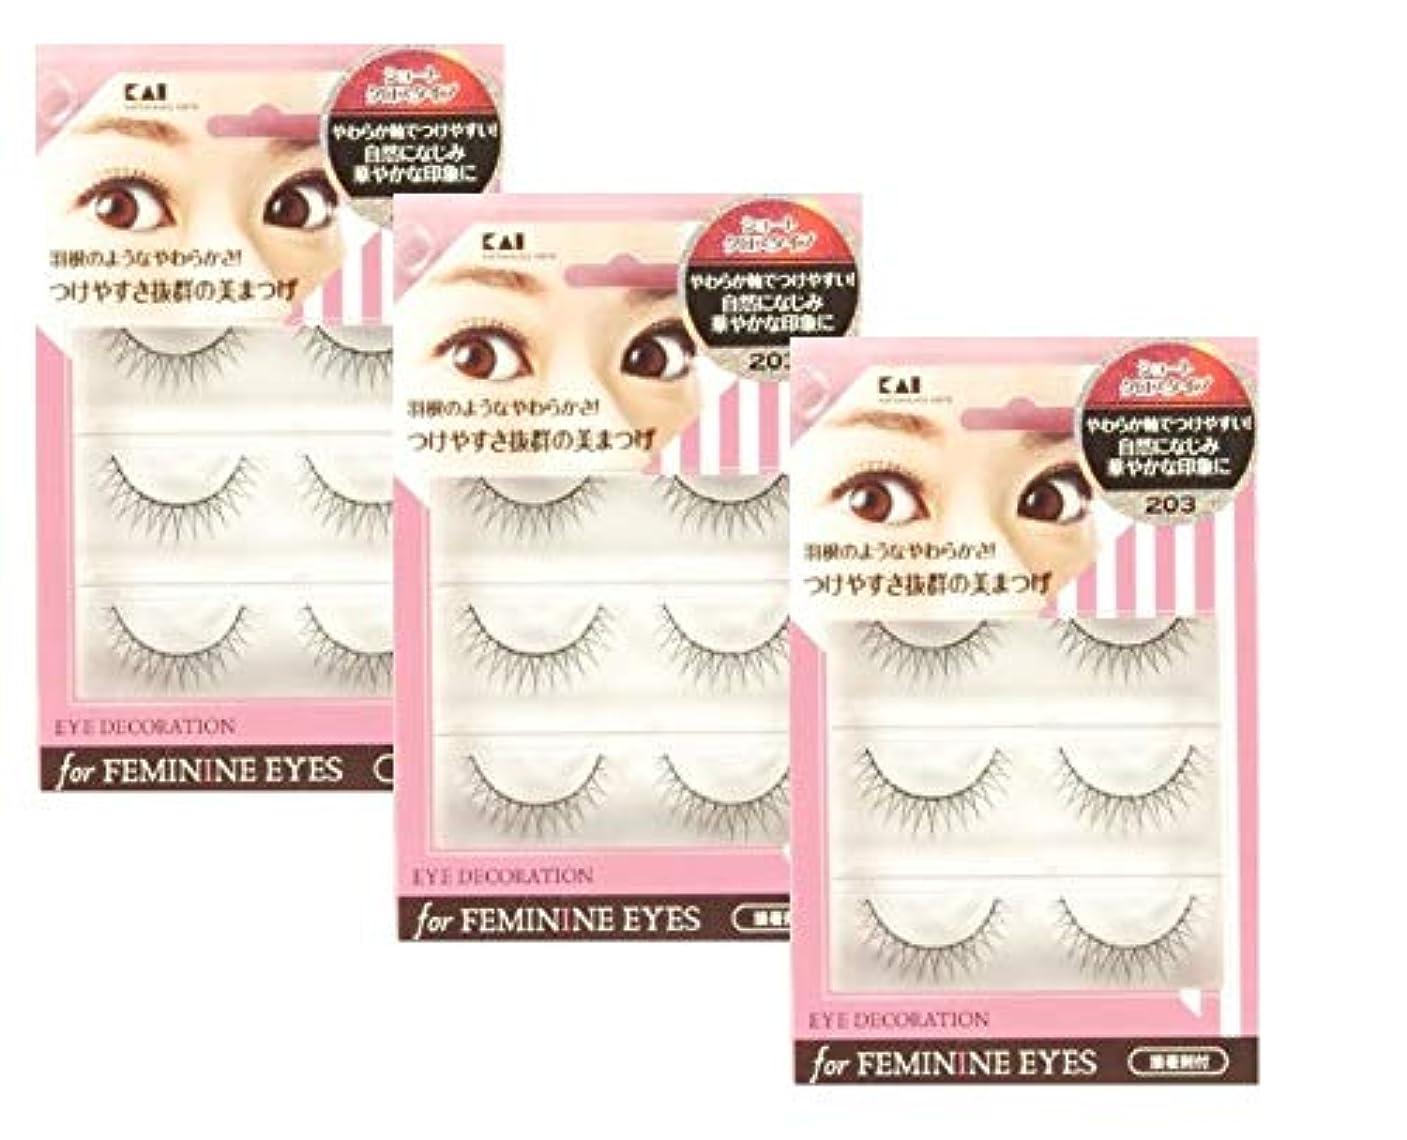 少なくとも可能性さまよう【まとめ買い3個セット】アイデコレーション for feminine eyes 203 ショートクロスタイプ